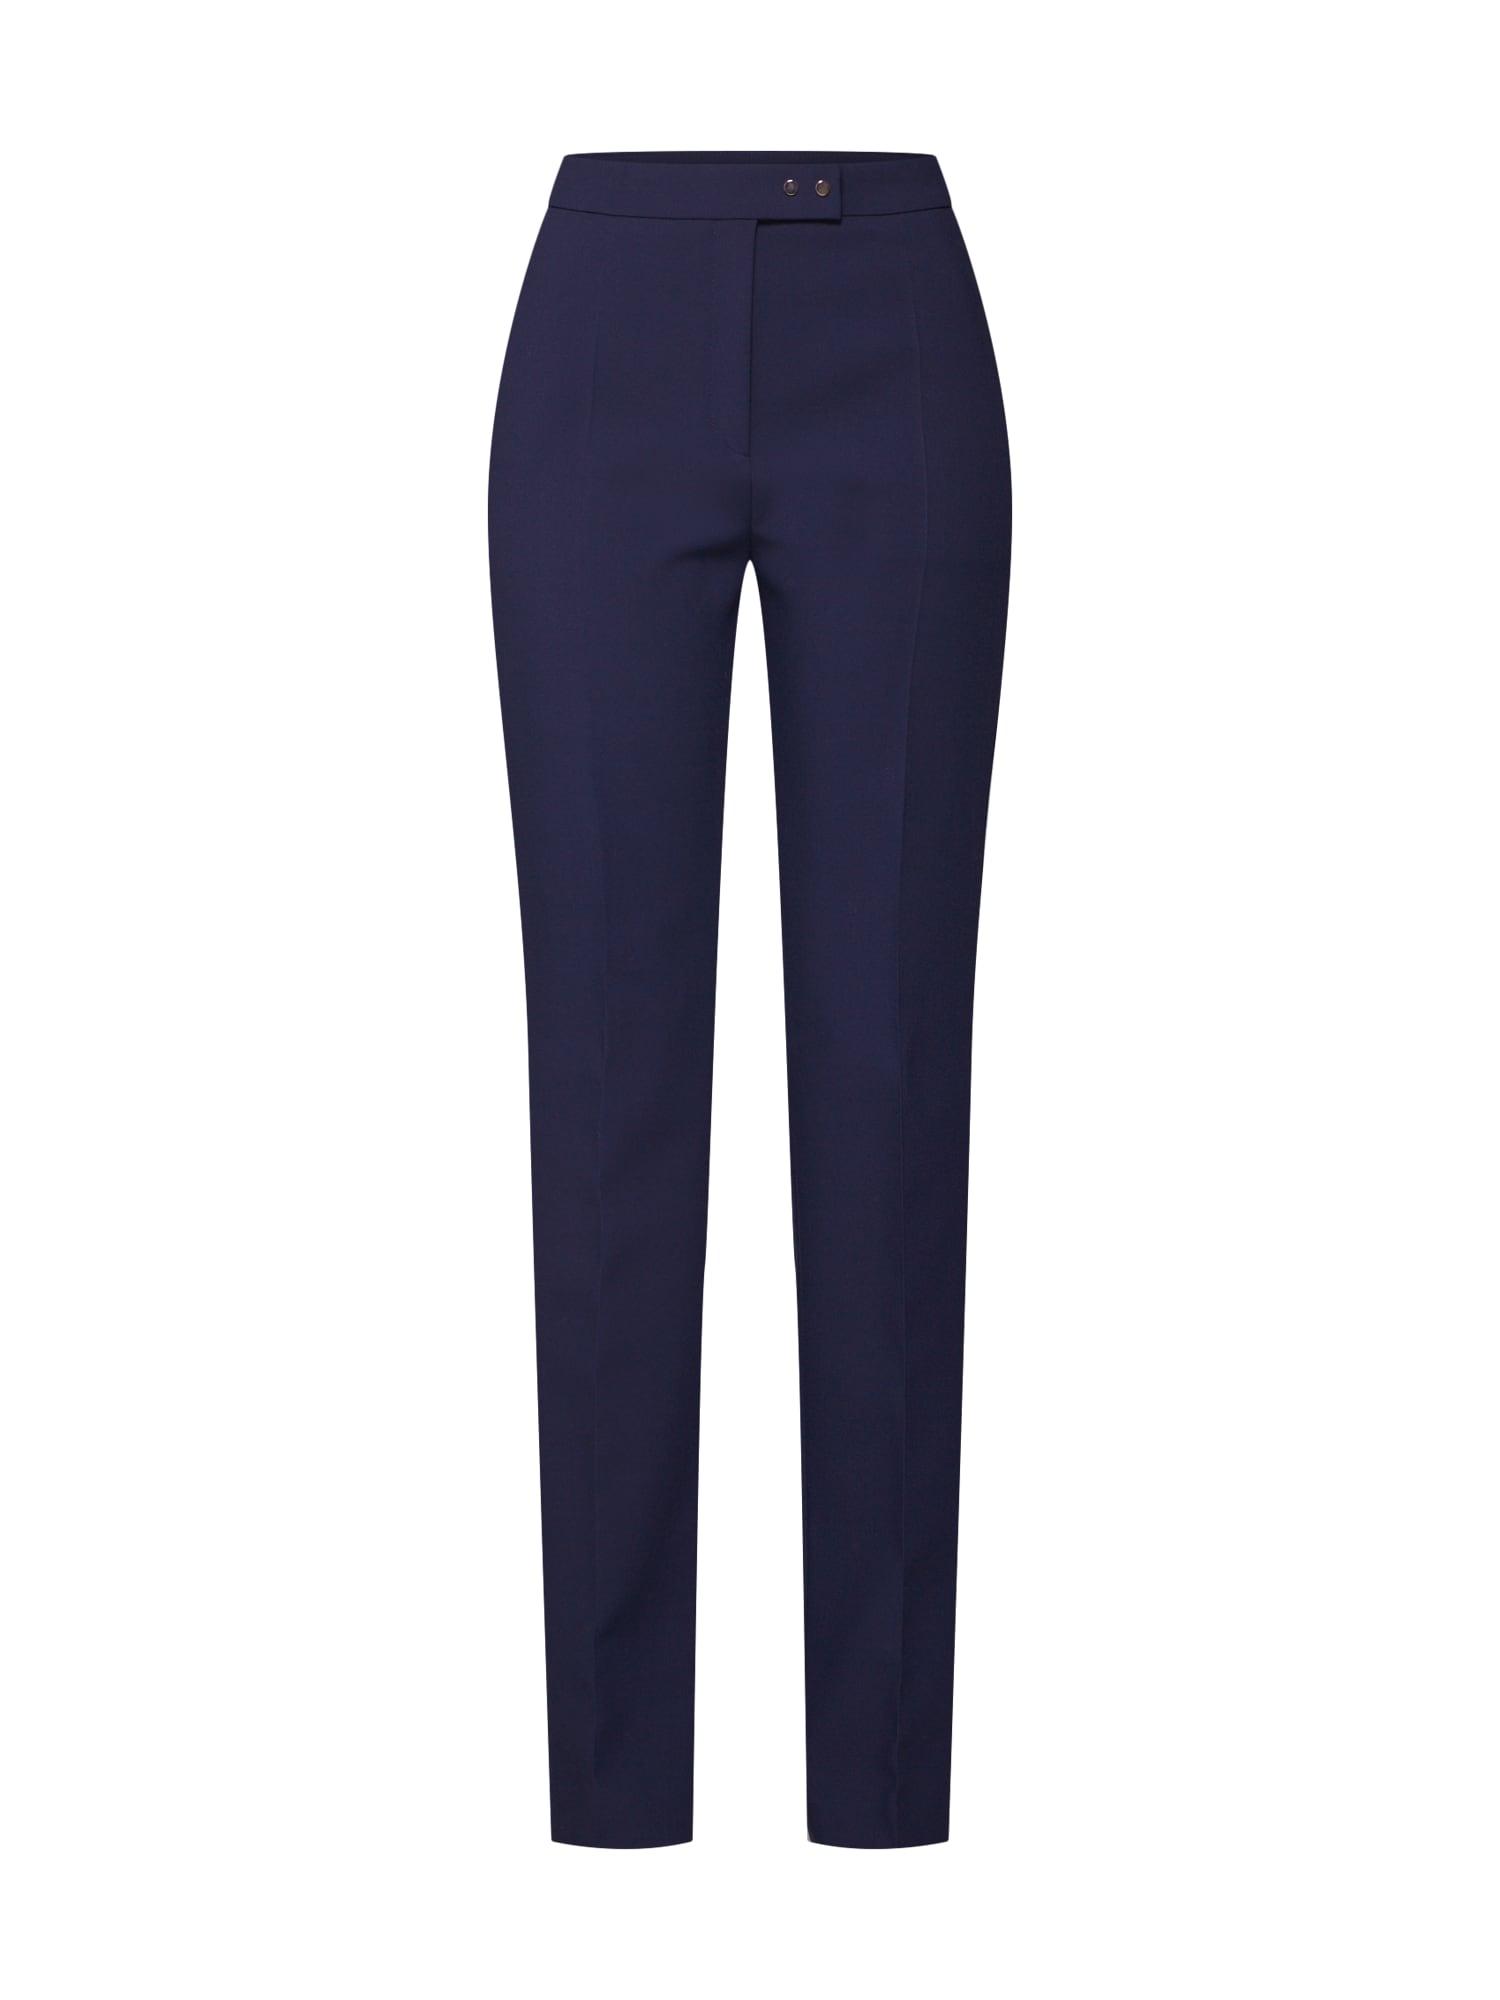 Kalhoty s puky Helines námořnická modř HUGO